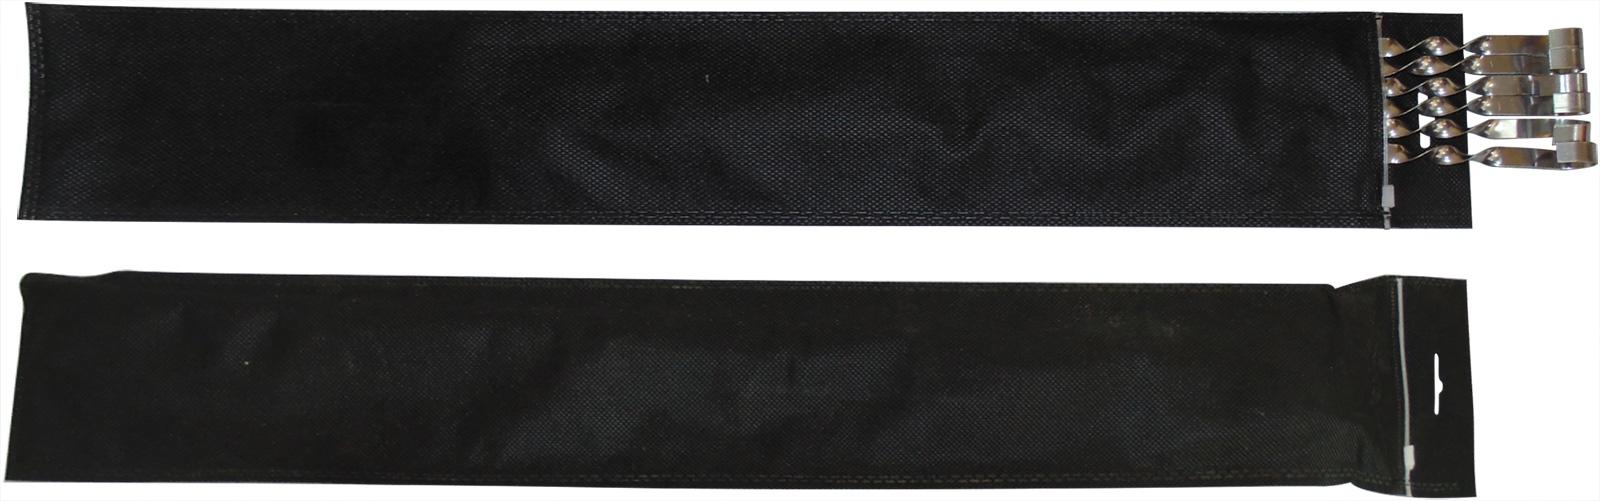 Шампуры угловые 60 см в чехле, 6 шт угловые